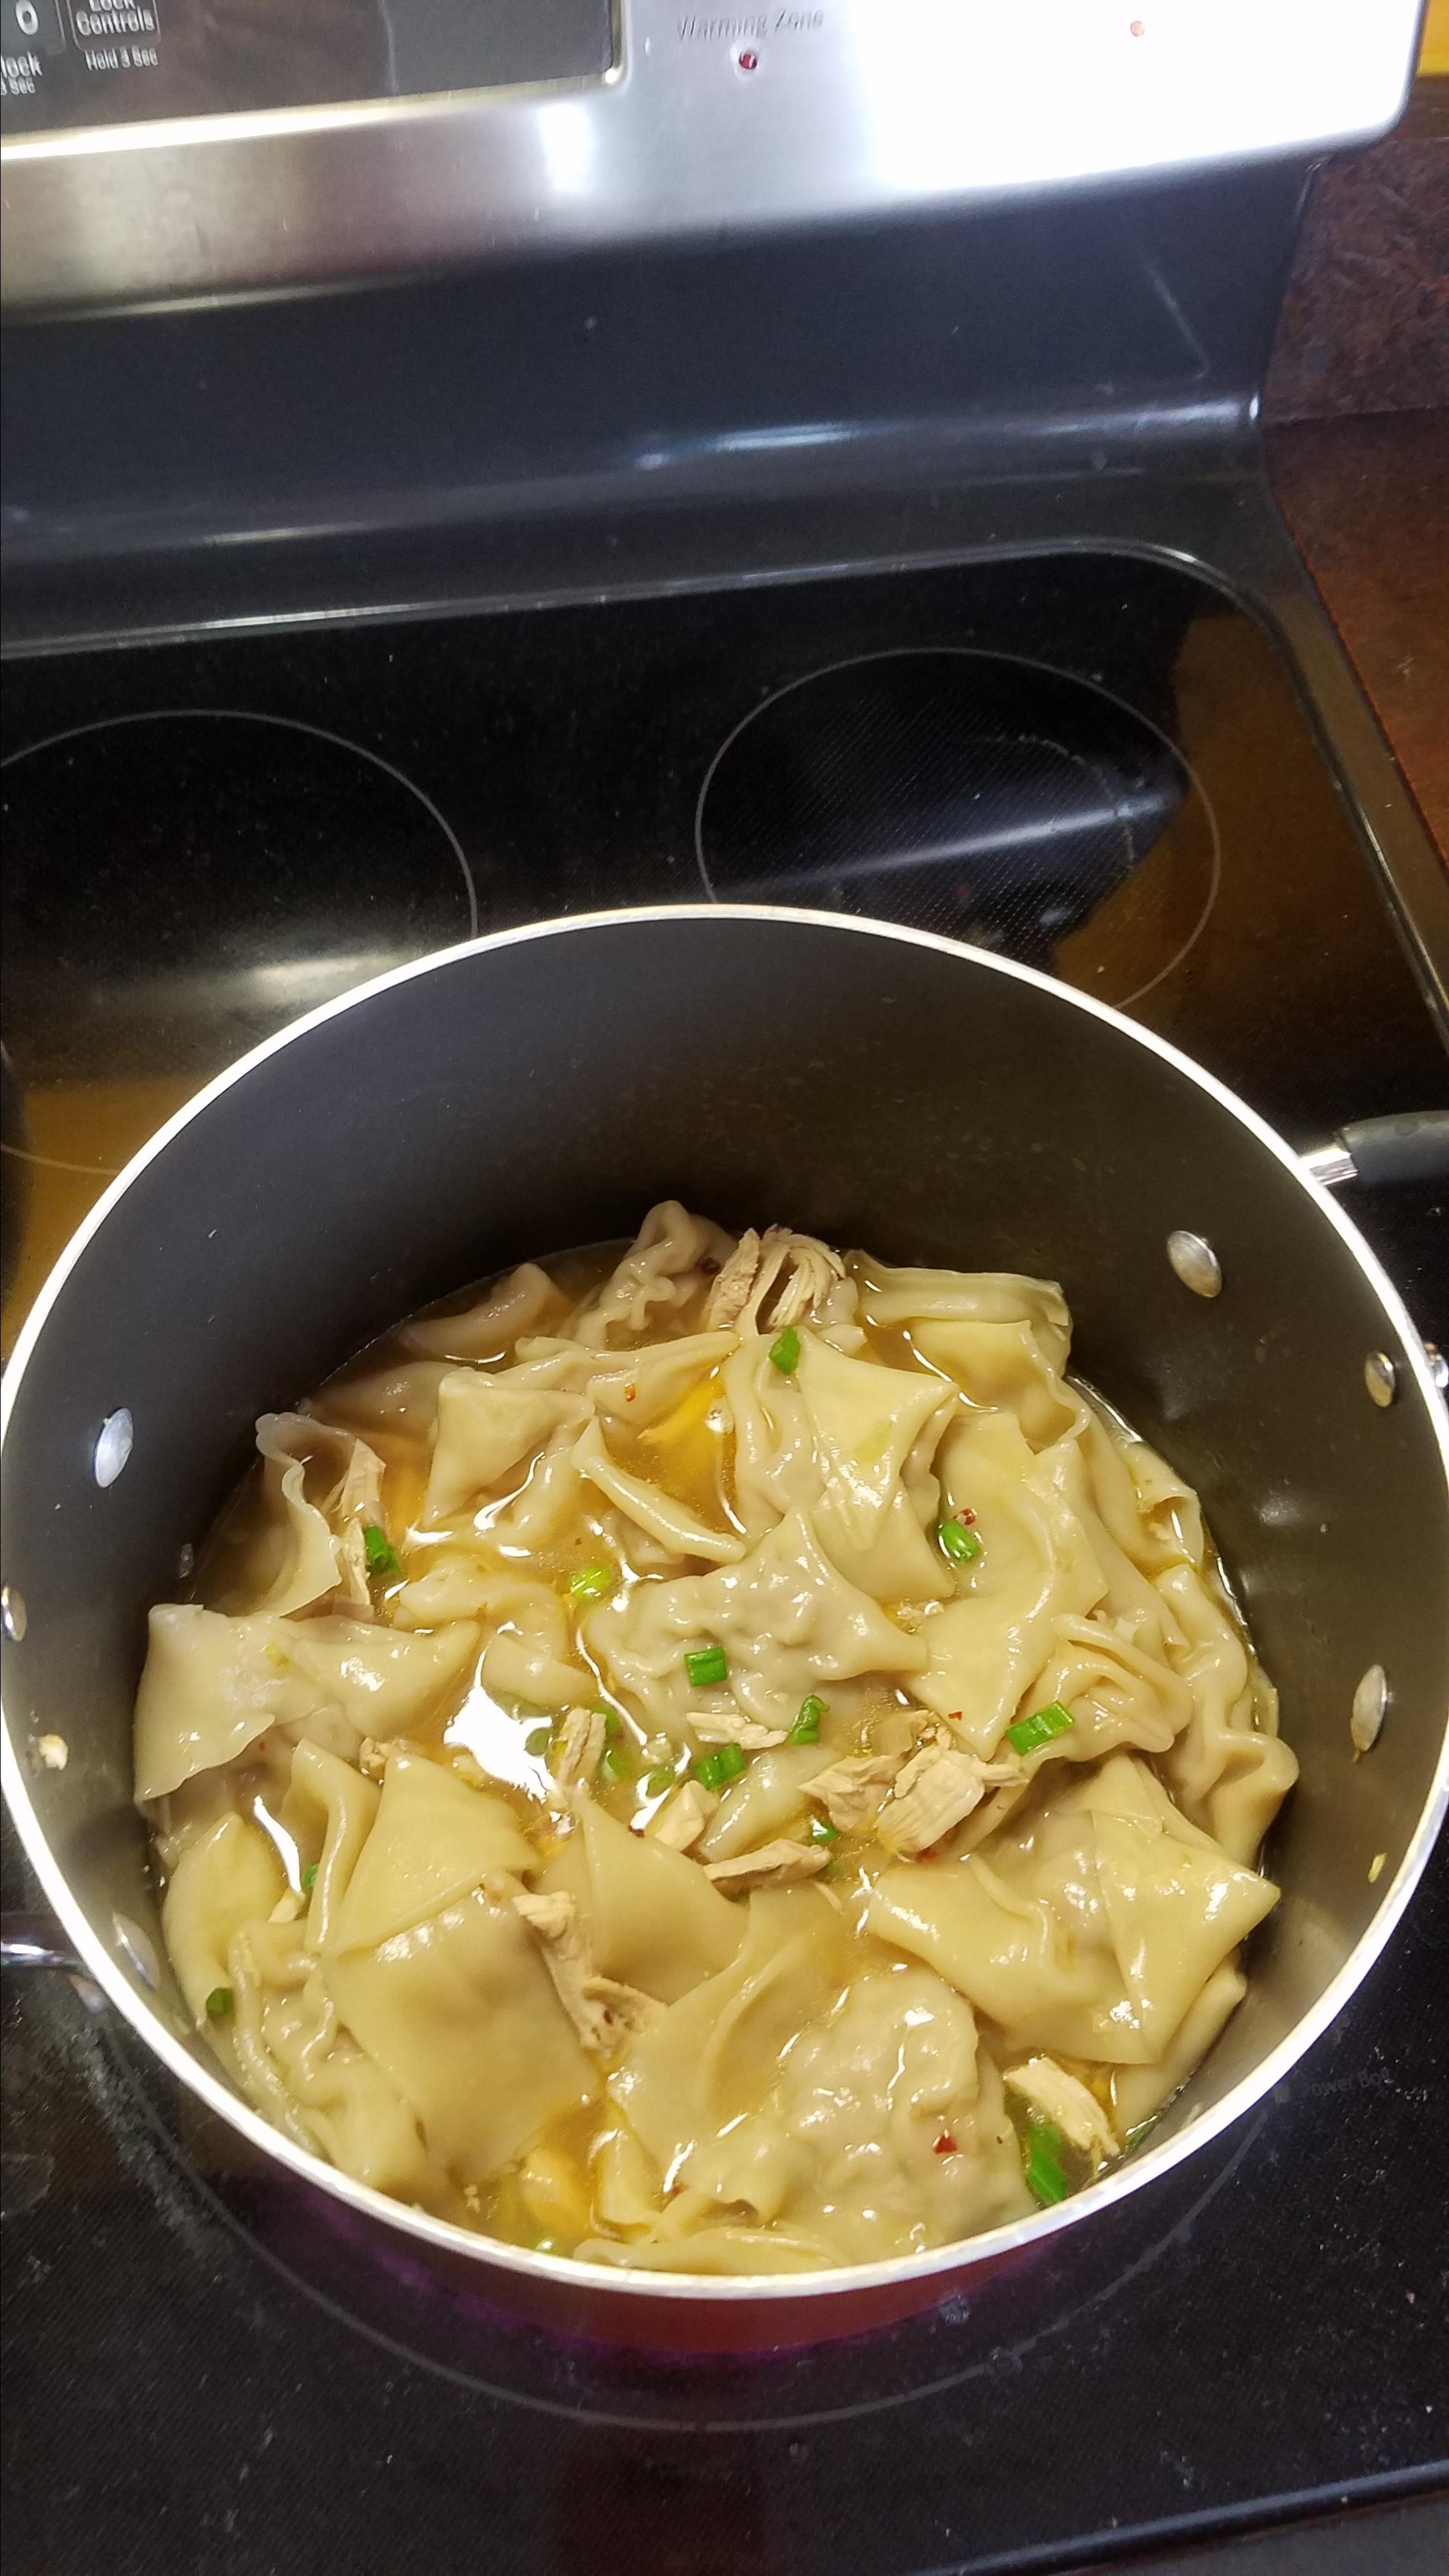 Pancit Molo (Filipino Wonton Soup) lola